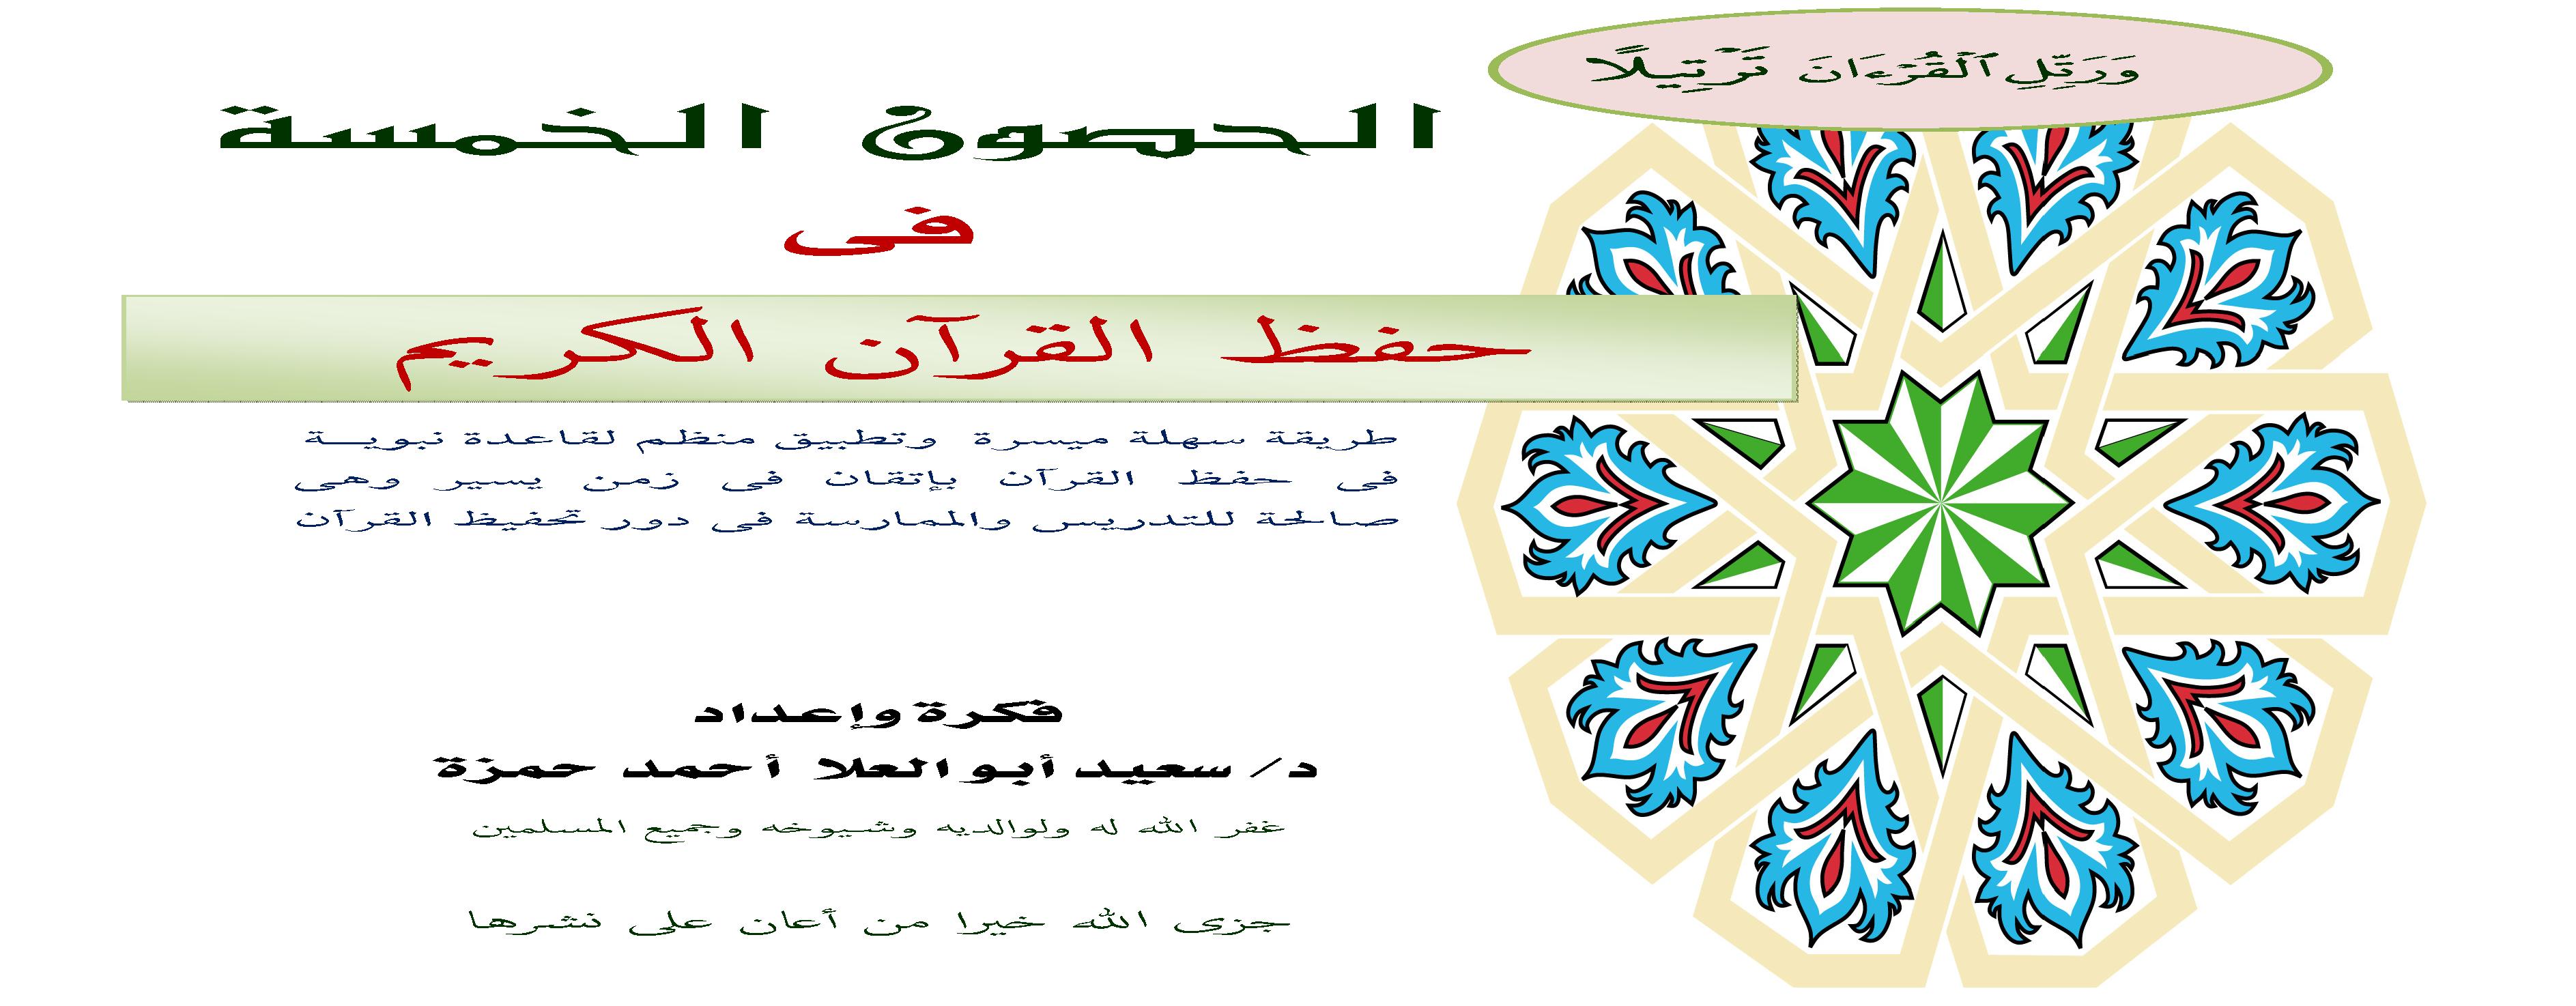 تحميل كتاب الحصون الخمسة في حفظ القرآن الكريم لـِ: الدكتور سعيد أبو العلا أحمد حمزة